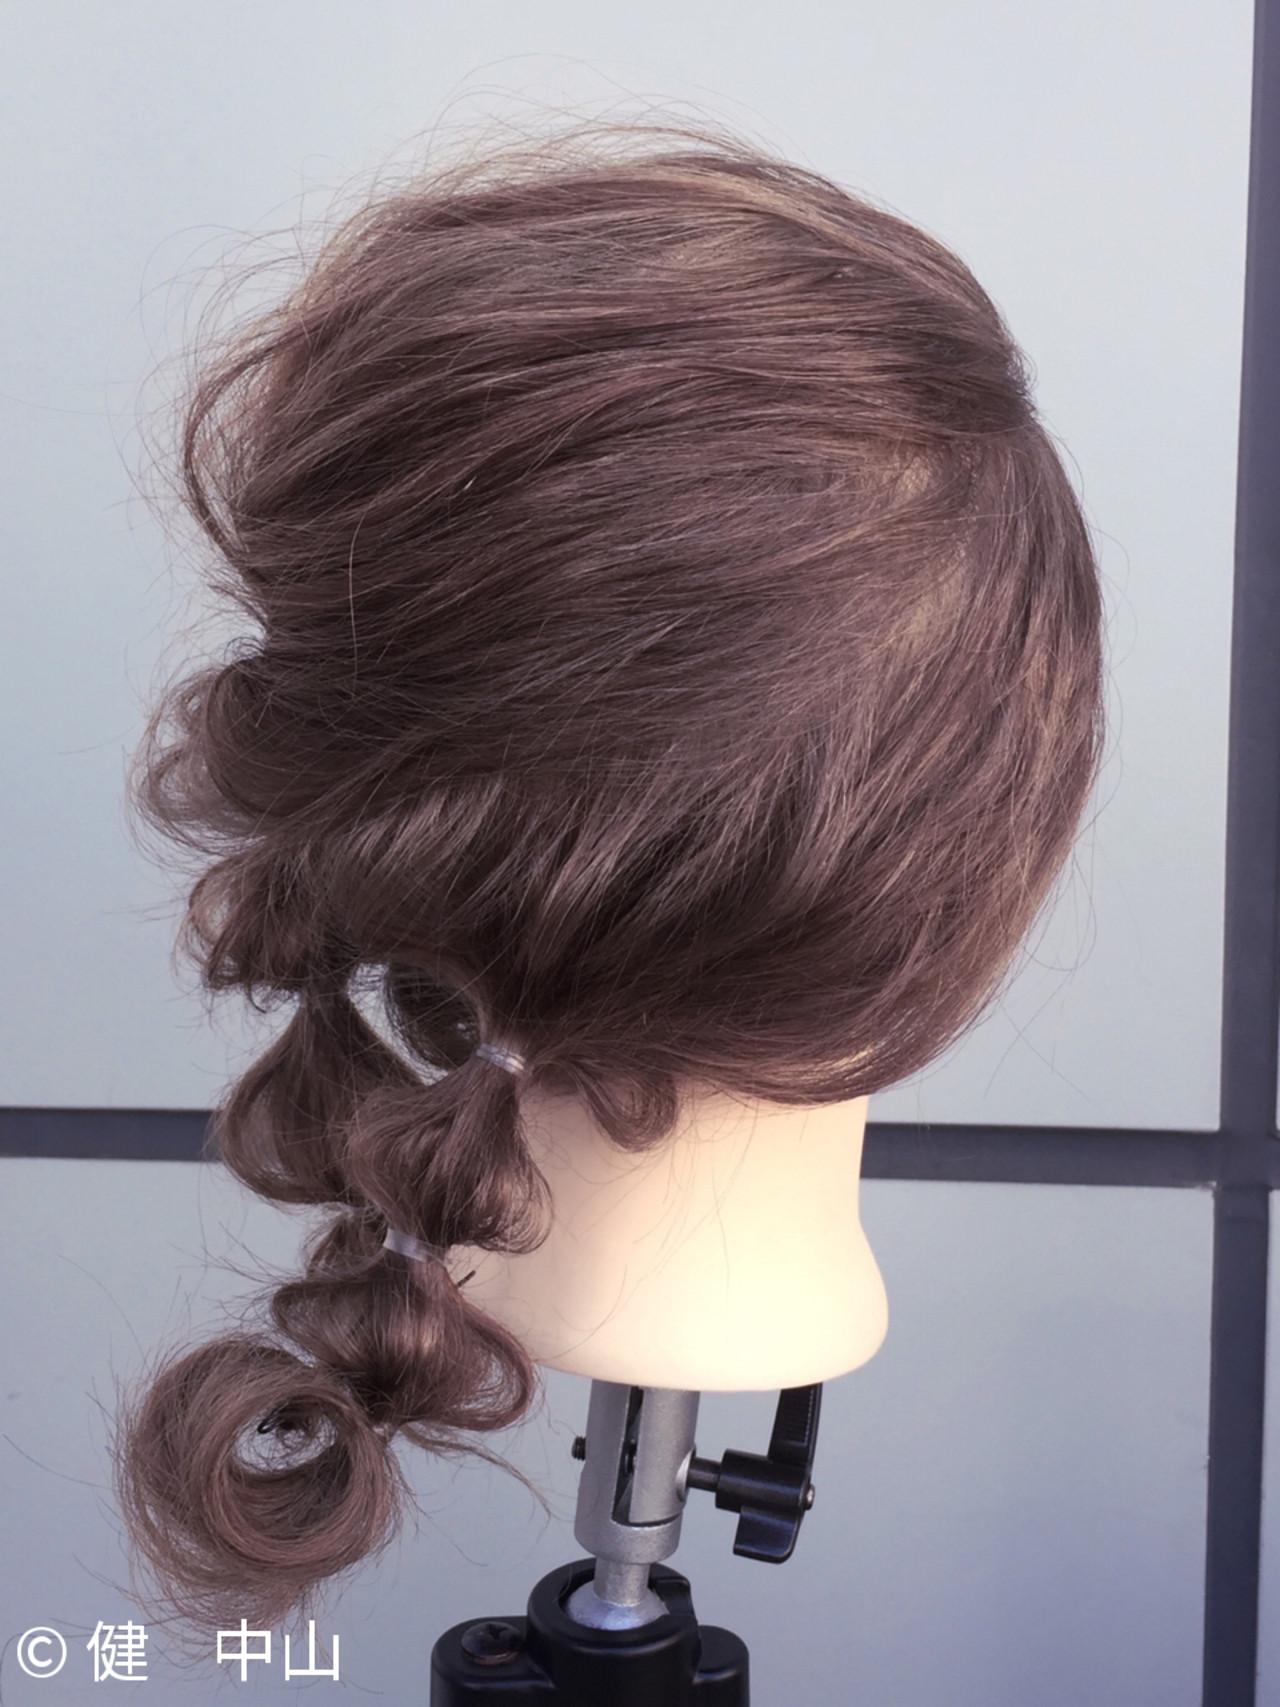 アッシュ セミロング ショート 大人女子 ヘアスタイルや髪型の写真・画像 | ken / sora